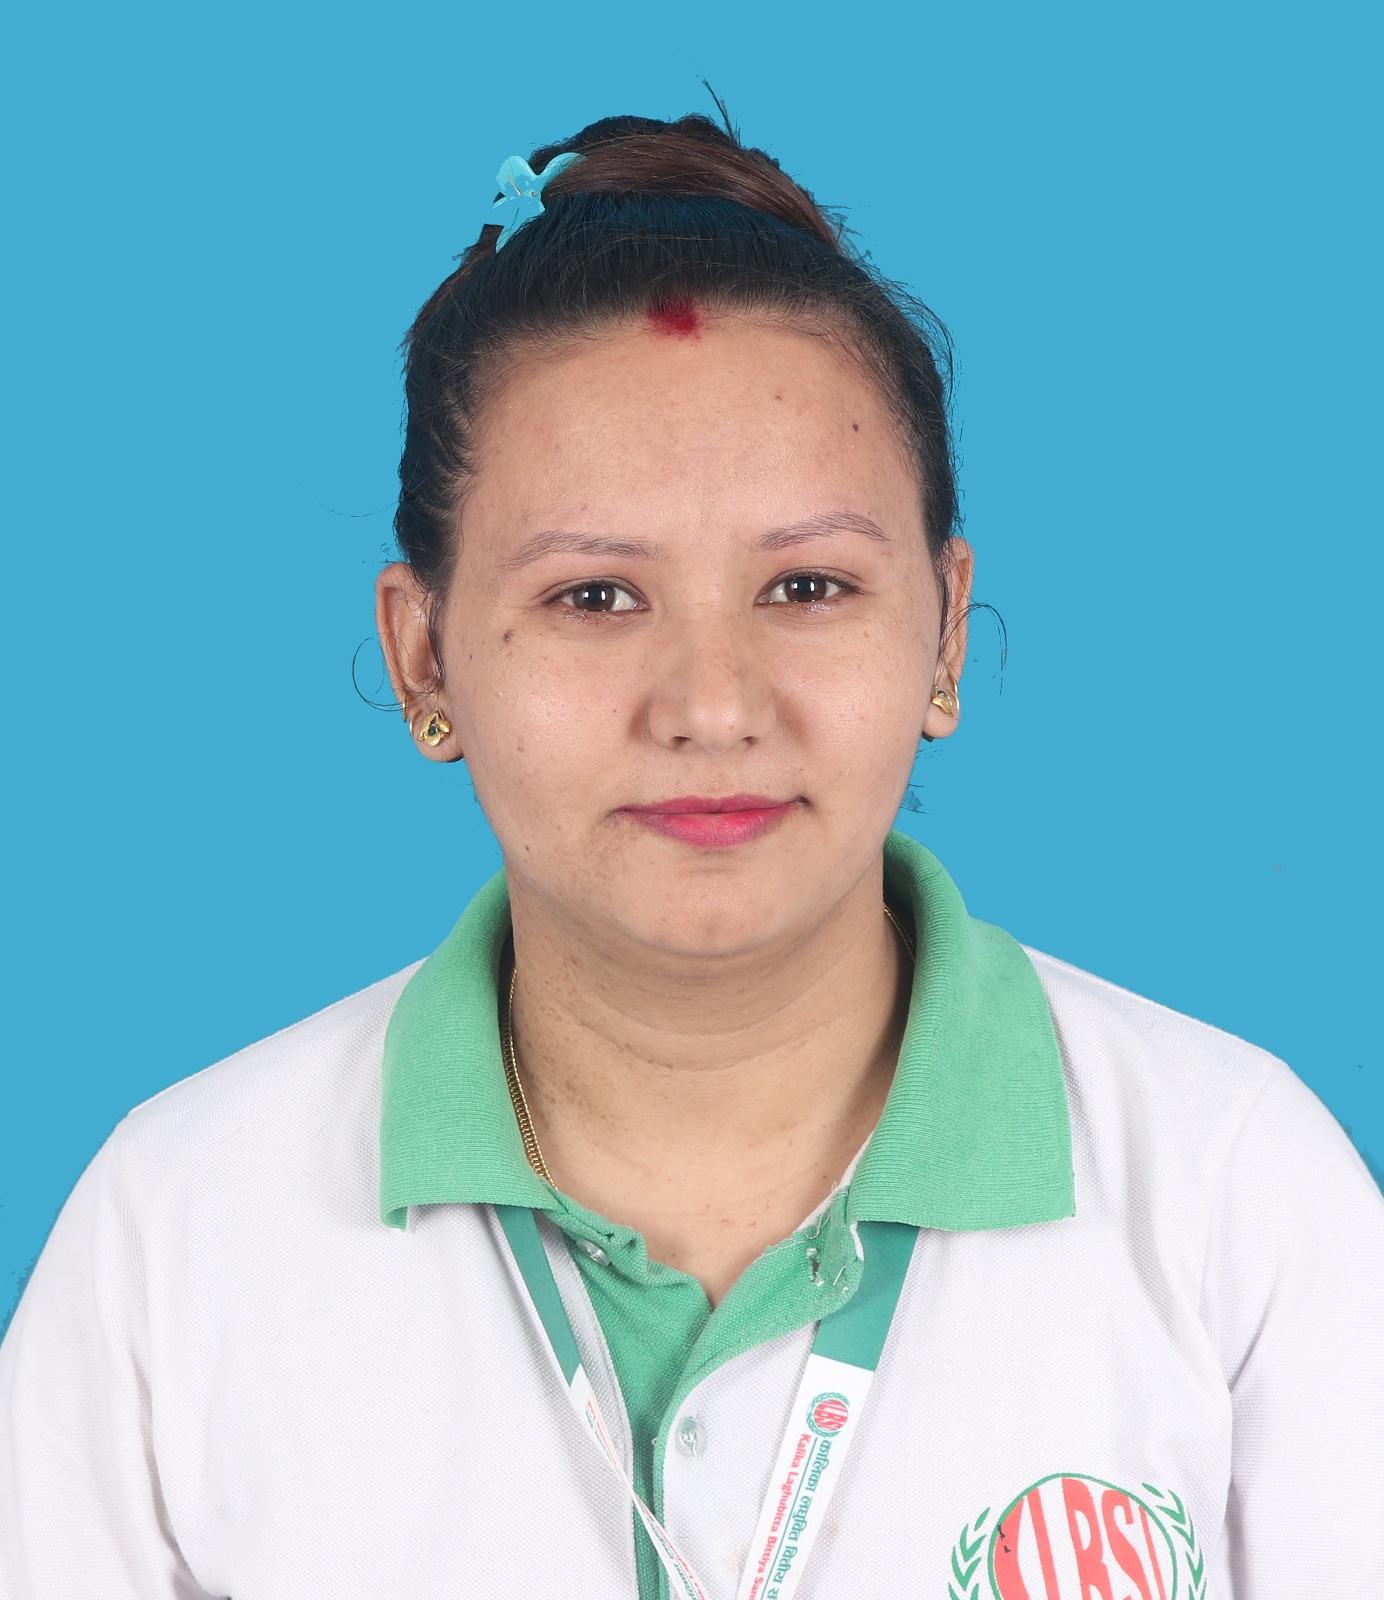 Sumitra Thapa